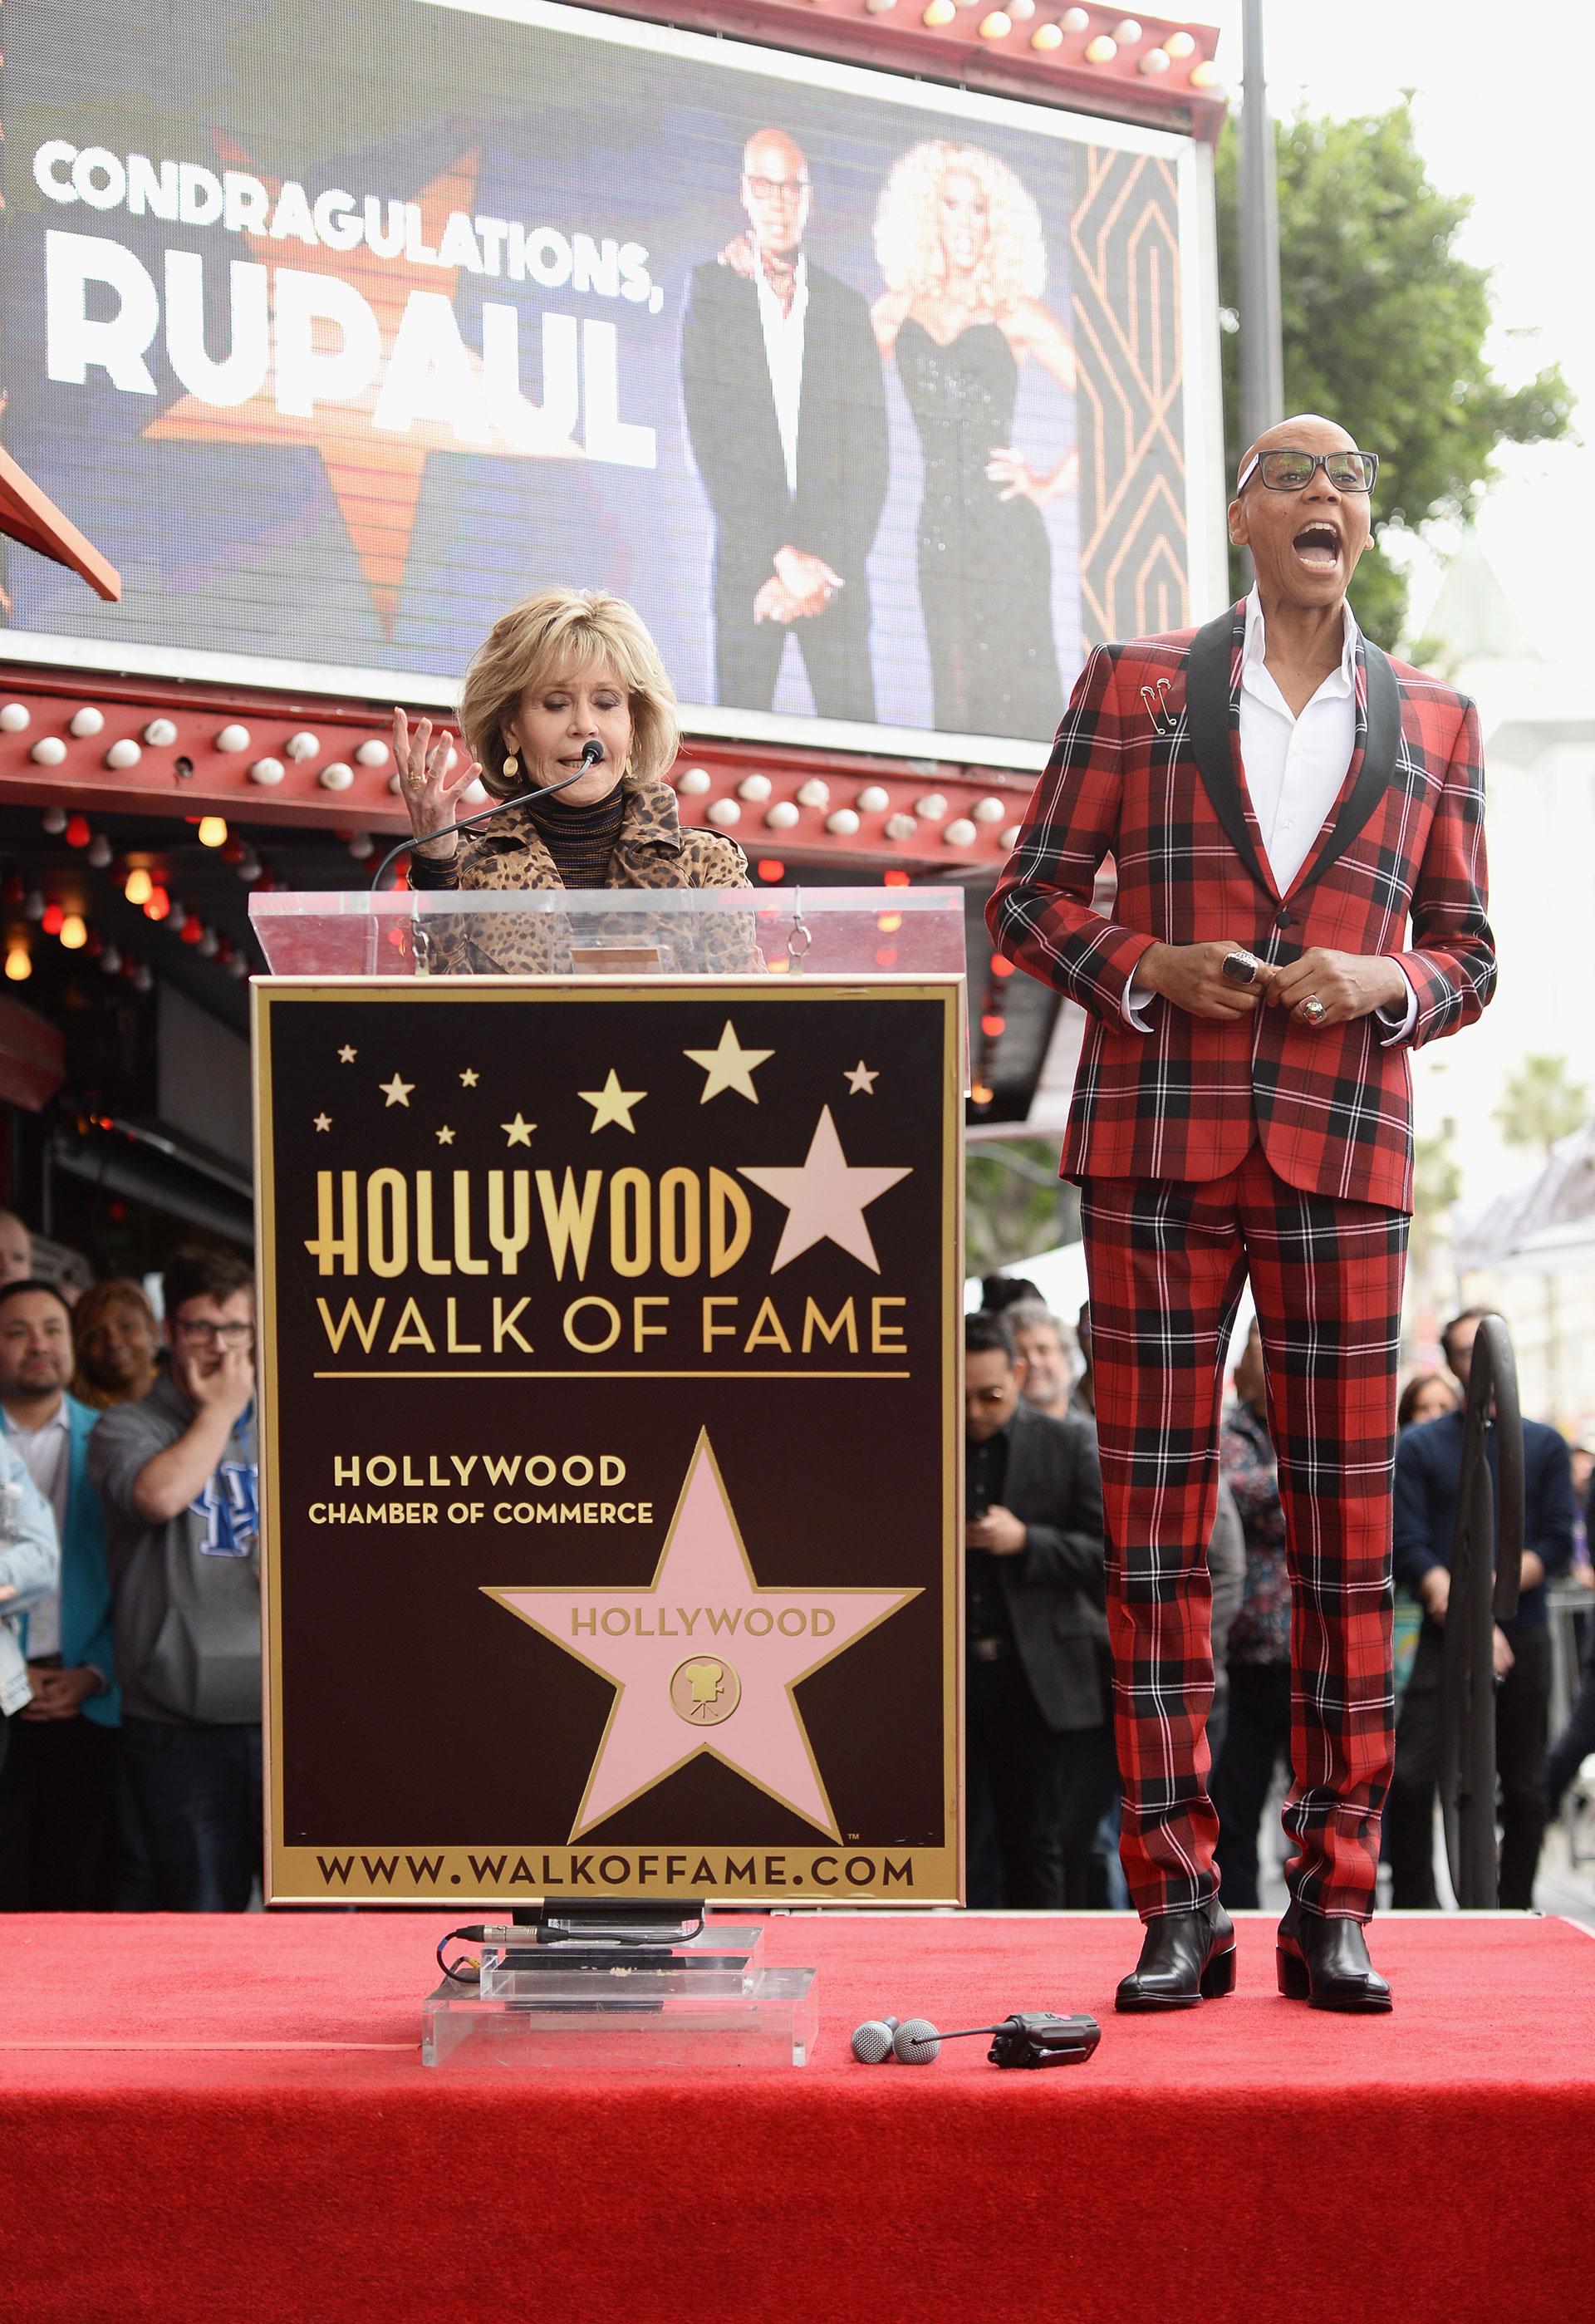 La leyenda de Hollywood -Jane Fonda- fue la encargada de presentar al artista minutos antes de descubrir 'la estrella'